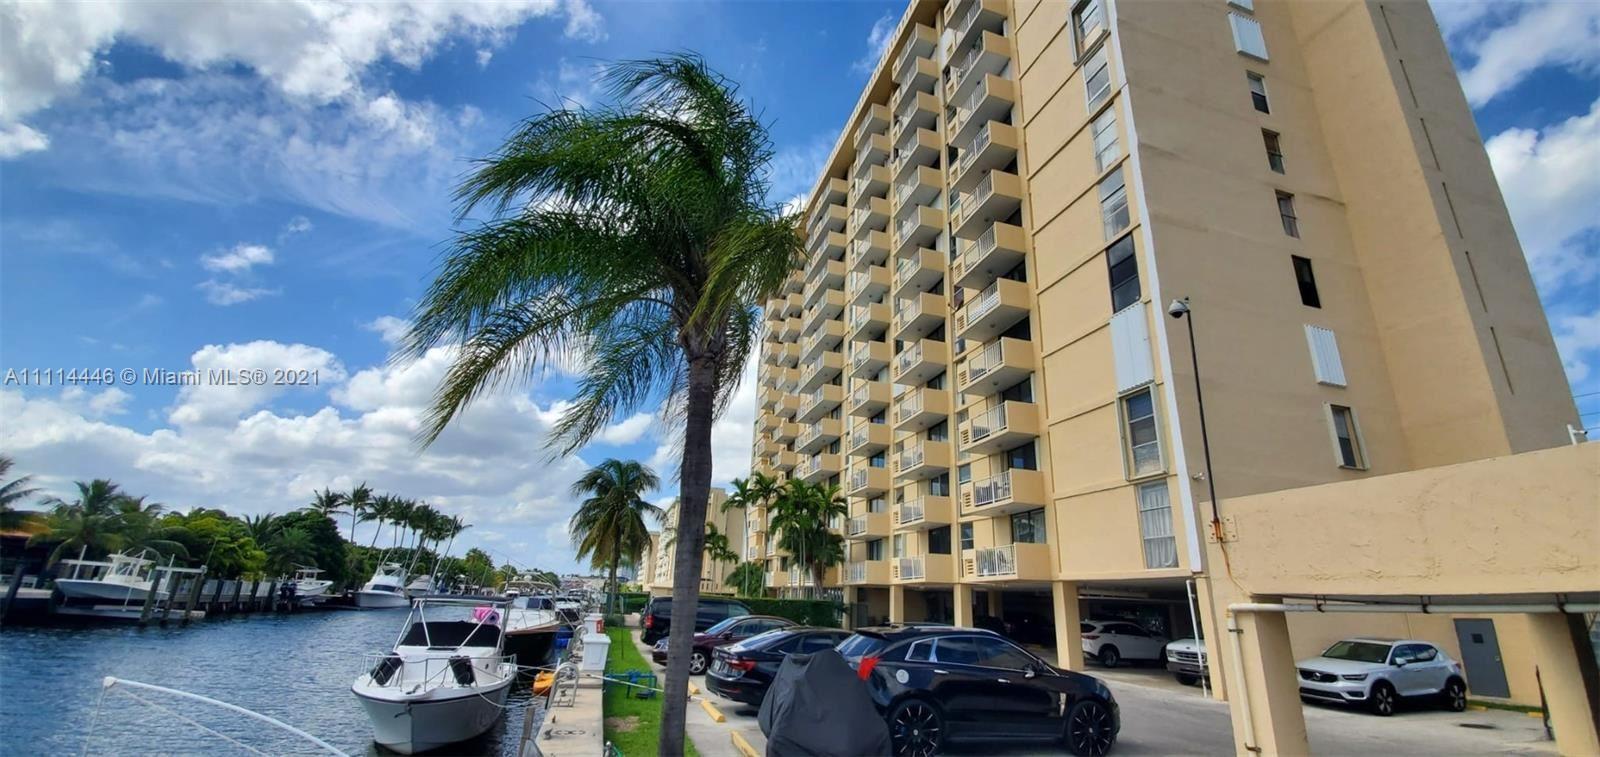 2350 NE 135th St #1512, North Miami, FL 33181 - #: A11114446